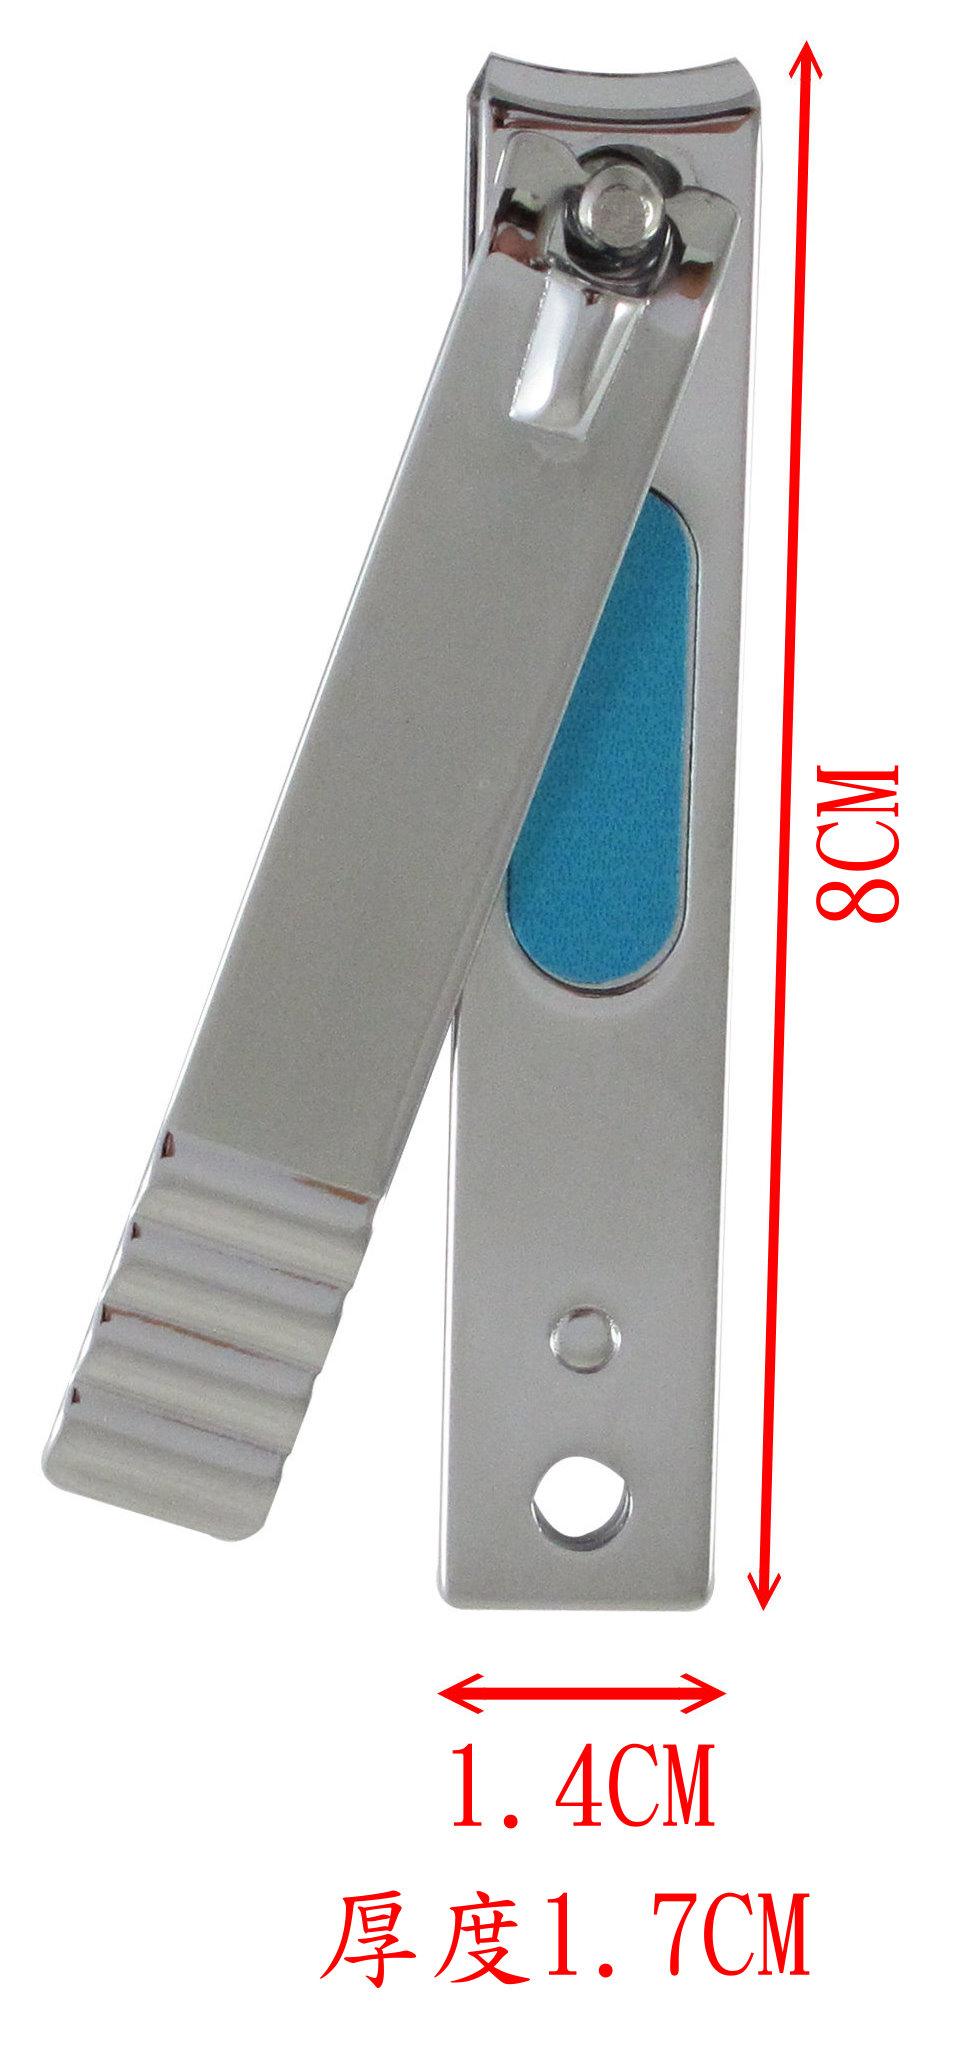 不鏽鋼指甲剪(可客製化雷射雕刻)